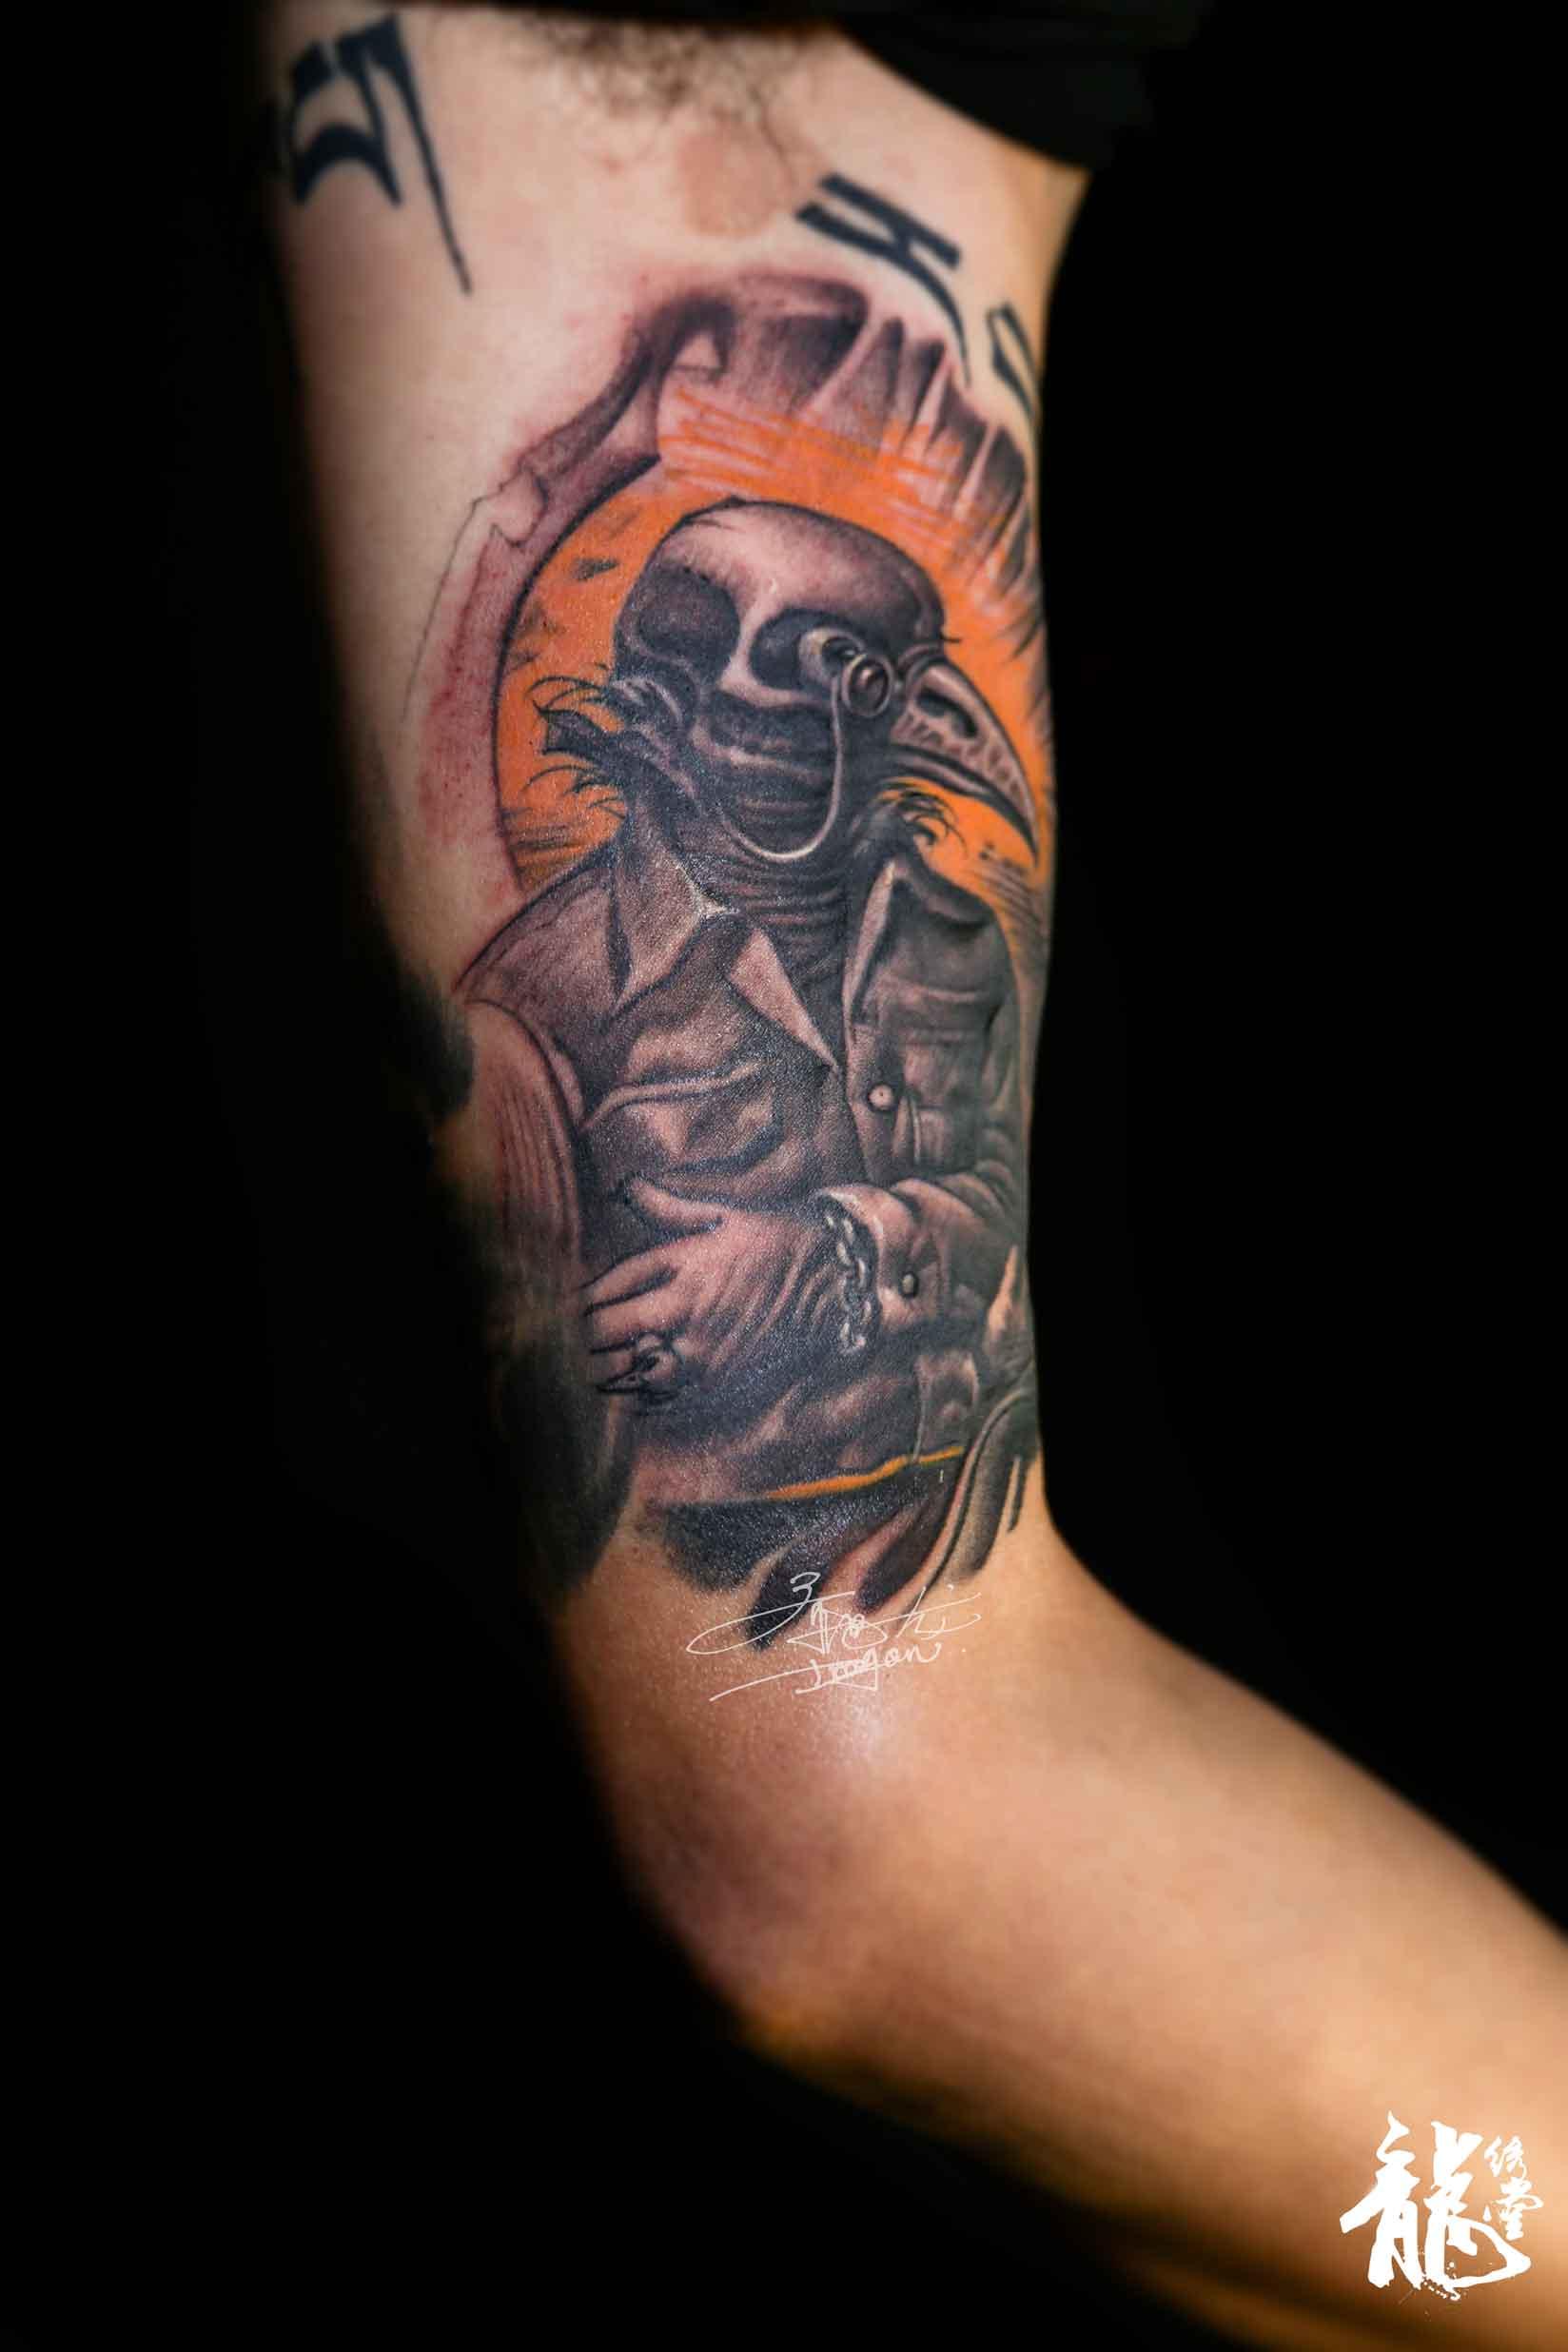 创意小臂鸟人纹身刺青|手工艺|手办/原型|龙绣堂刺青